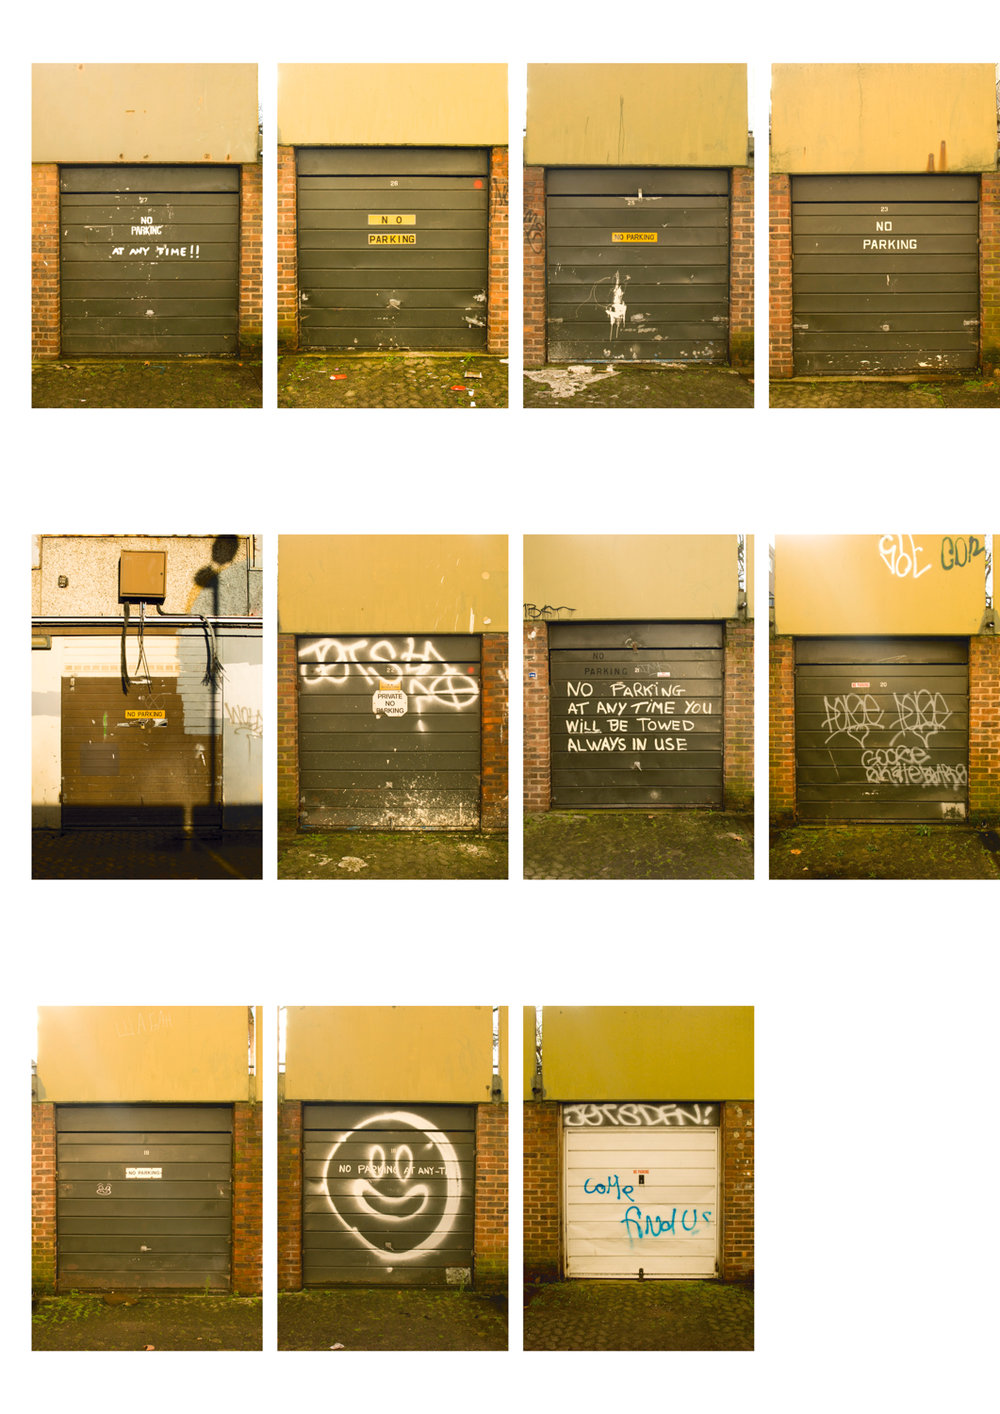 THE HEYGATE ESTATE + GARAGE TYPOLOGY - 2012